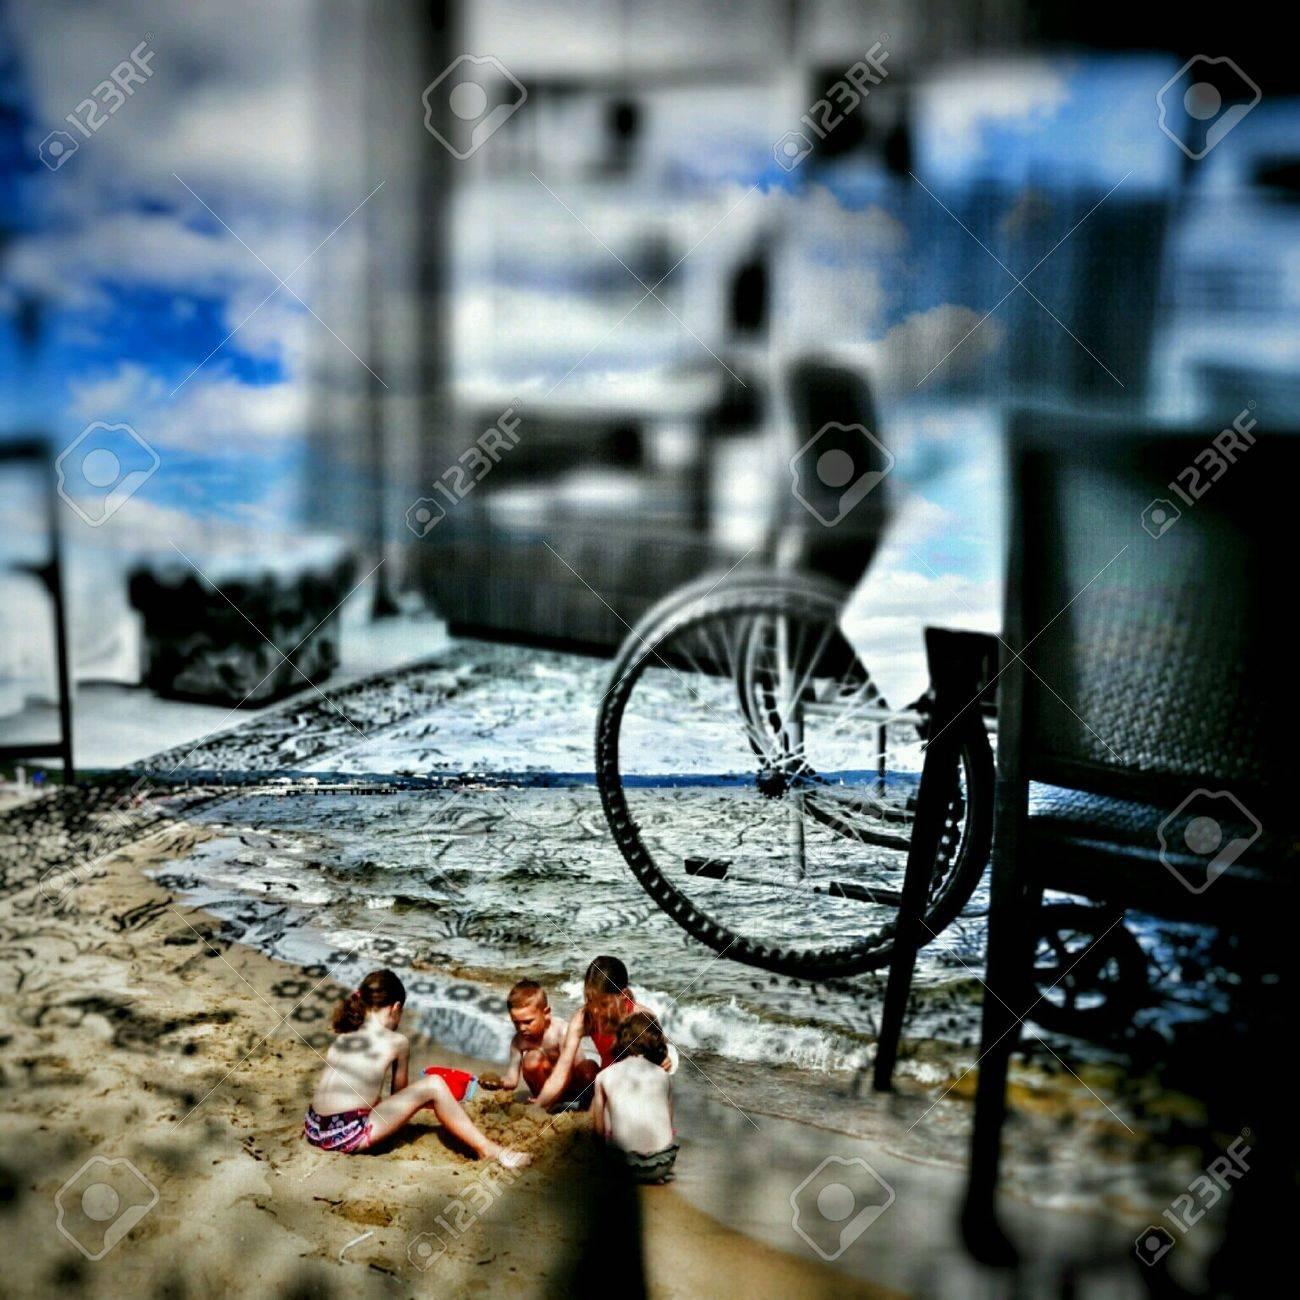 Unbekannt Vielleicht Unertraglich Unangenehme Zukunft Abstrakte Kunst Fotografie Die Sandwich Zusammensetzung Lizenzfreie Fotos Bilder Und Stock Fotografie Image 62475757